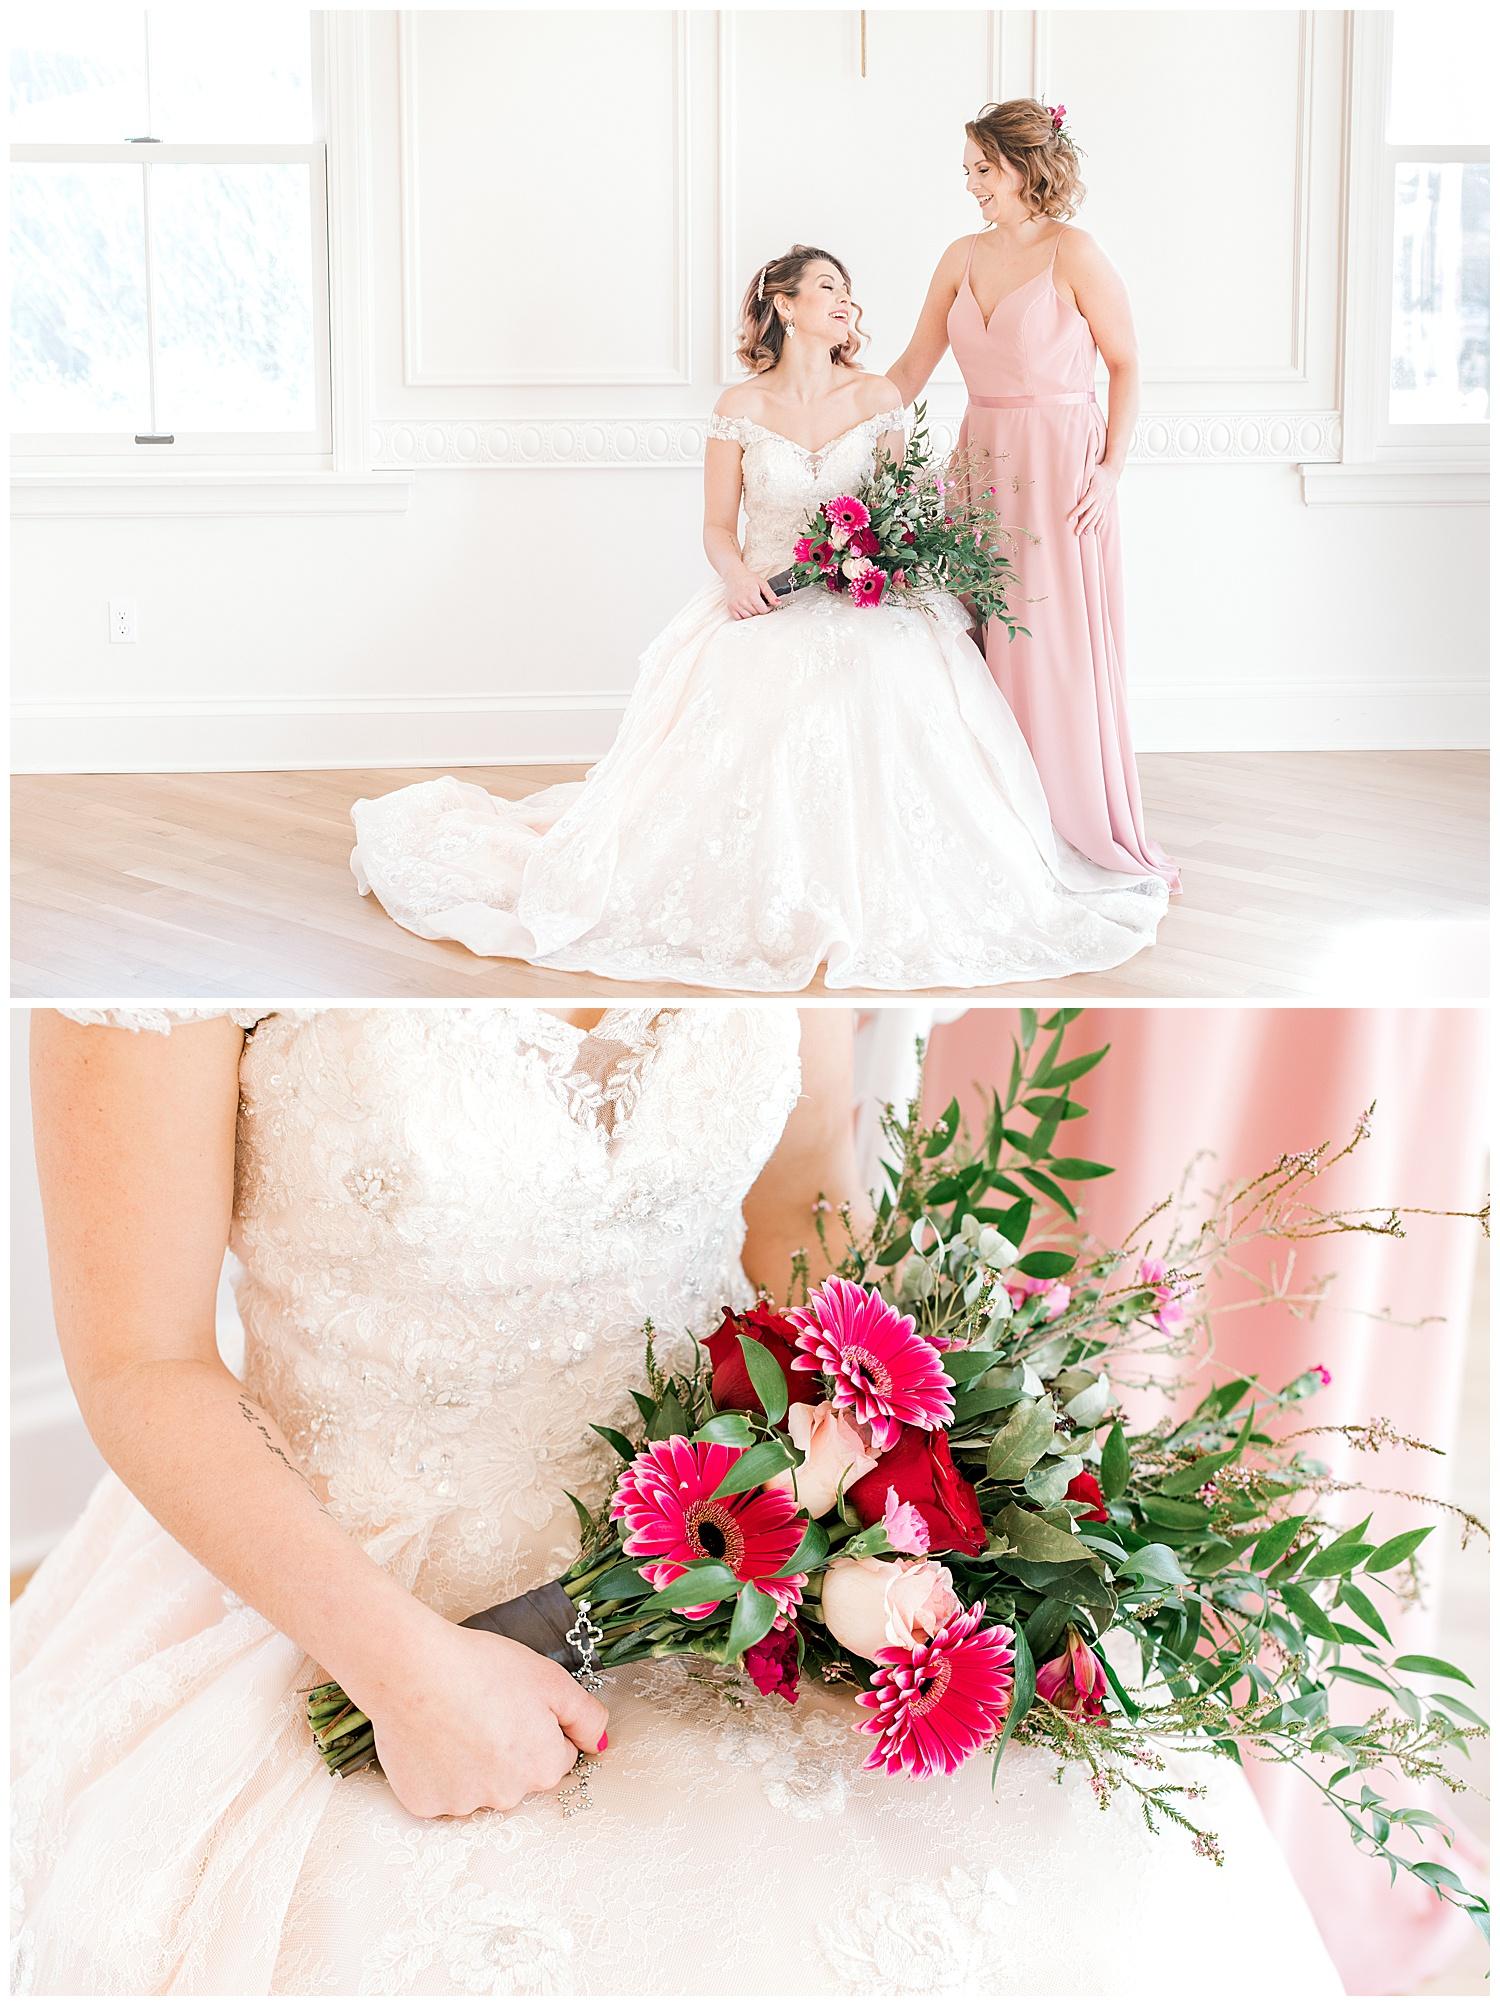 valentines-day-galentines-newport-wedding-photography-queen-annes-loft.-21.jpg